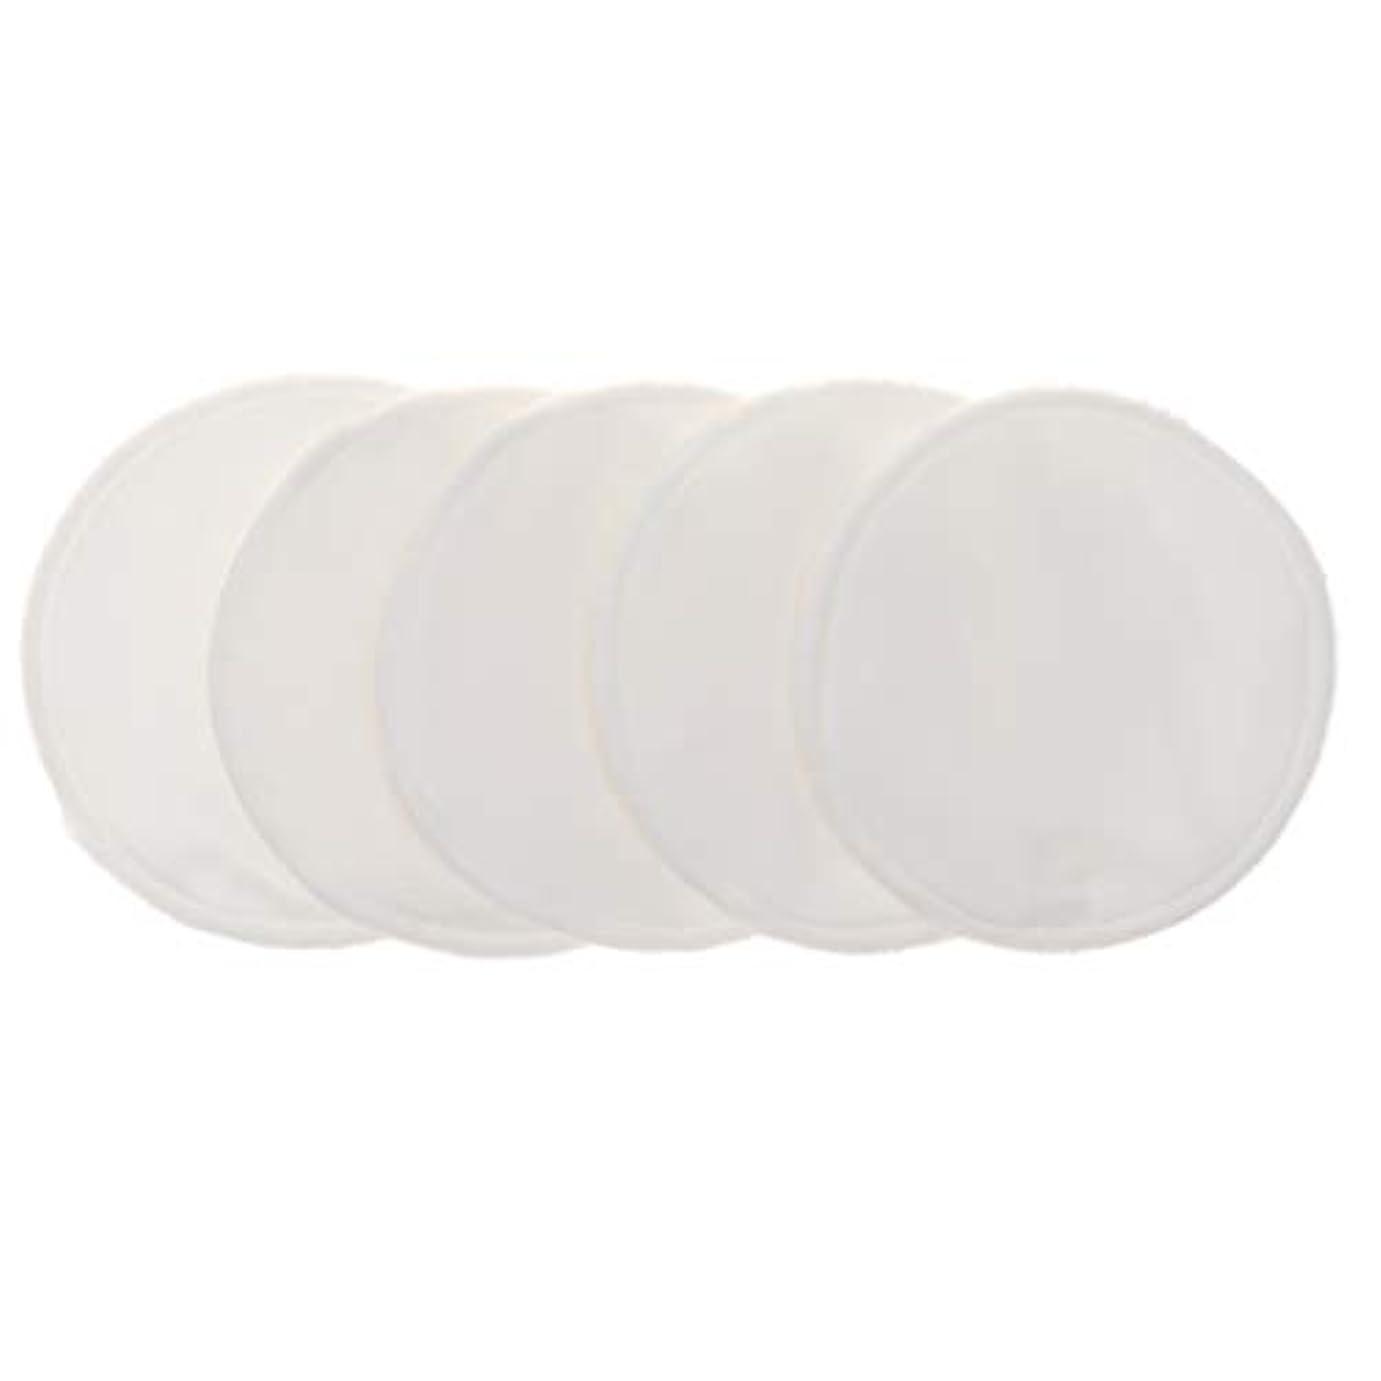 しおれたオートメーションマネージャー12cm 胸パッド クレンジングシート 化粧水パッド 竹繊維 円形 洗える 再使用可能 5個 全5色 - 白